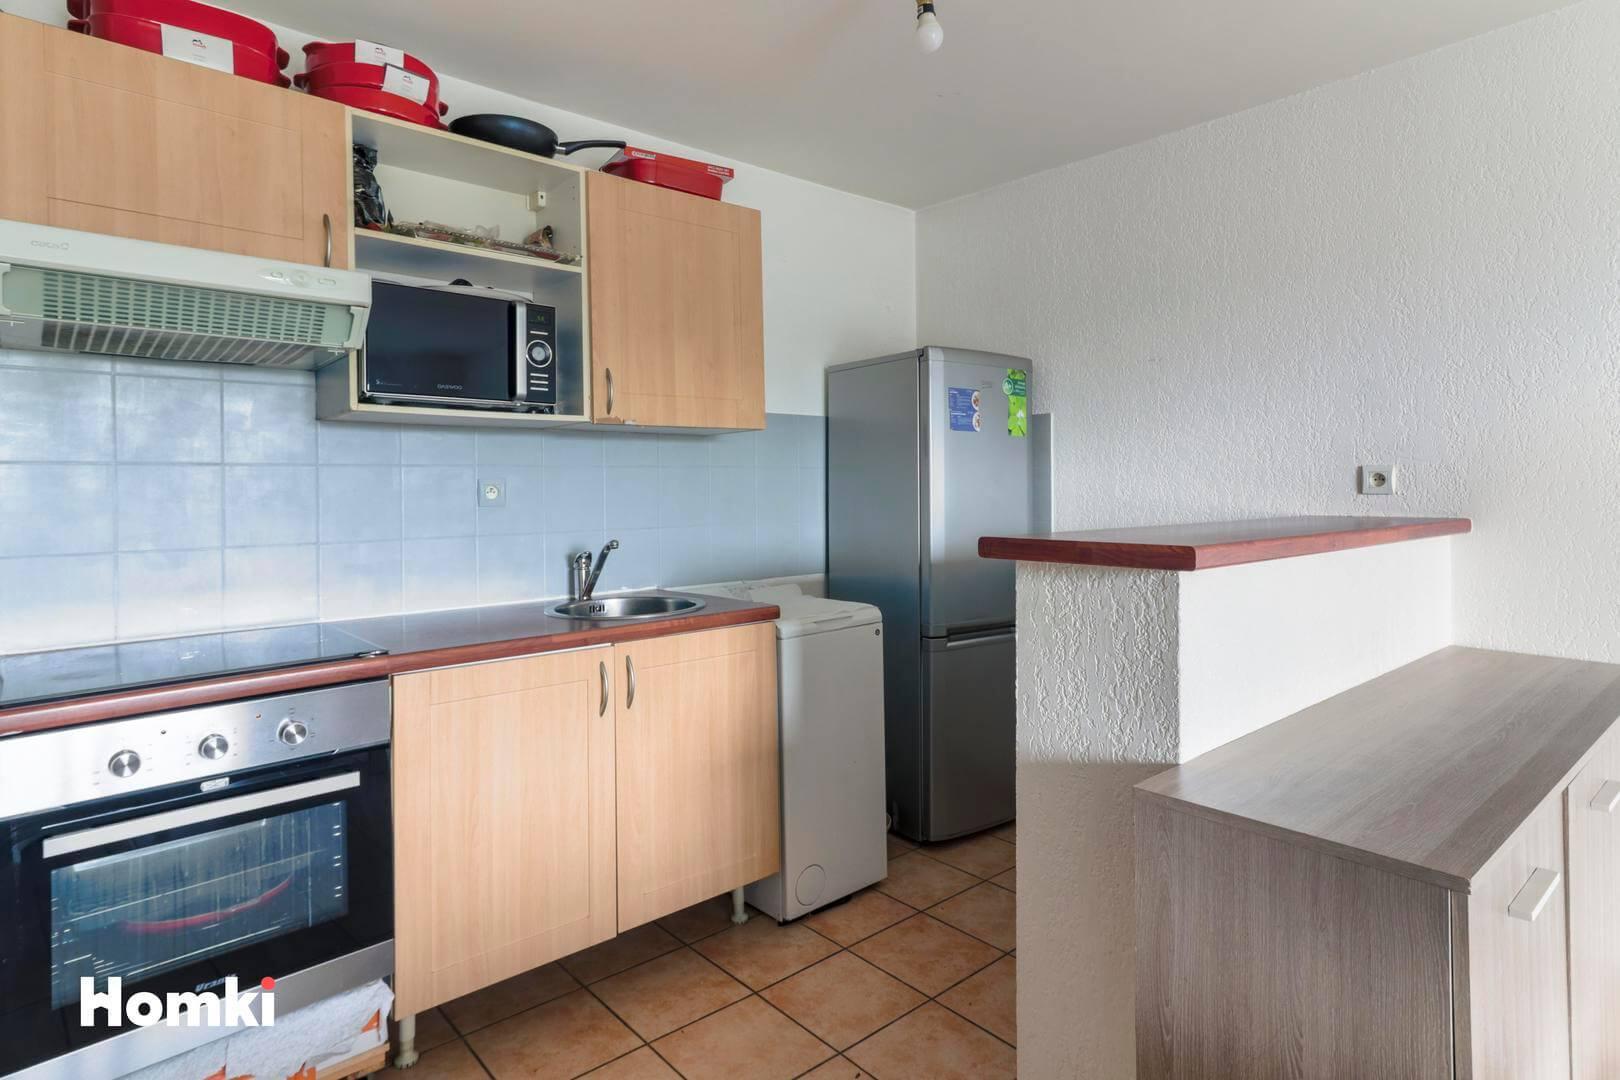 Homki - Vente Appartement  de 54.0 m² à Toulouse 31300